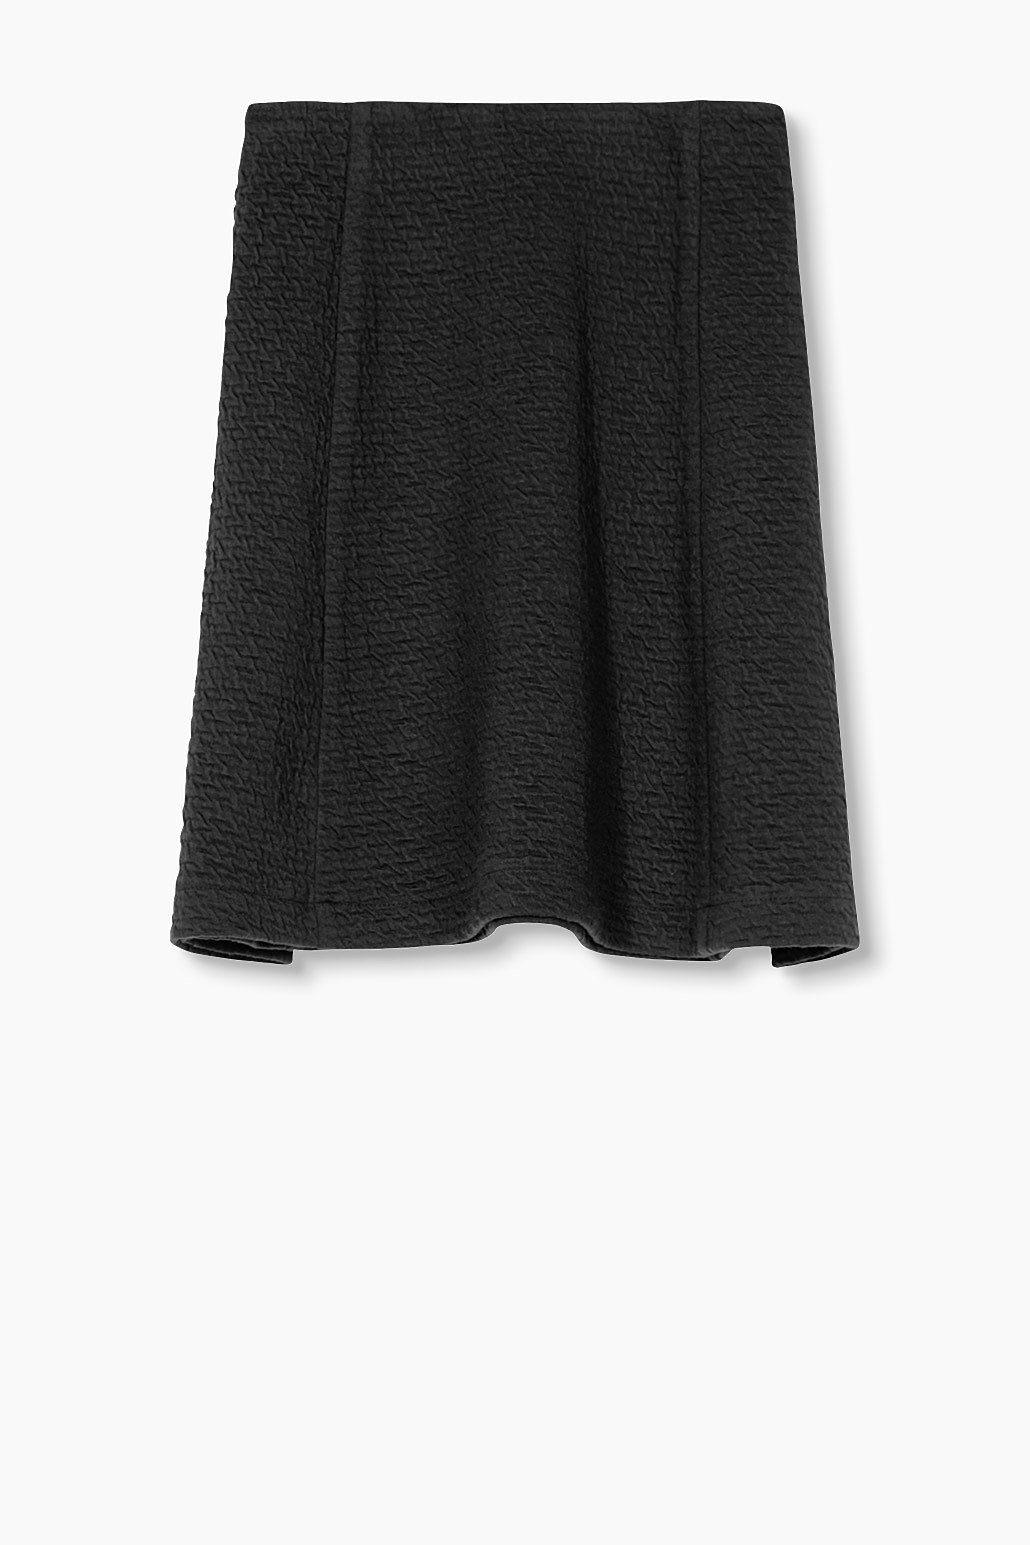 Otto rock edc minimalistischer kleiderschrank 2 for Minimalistischer kleiderschrank